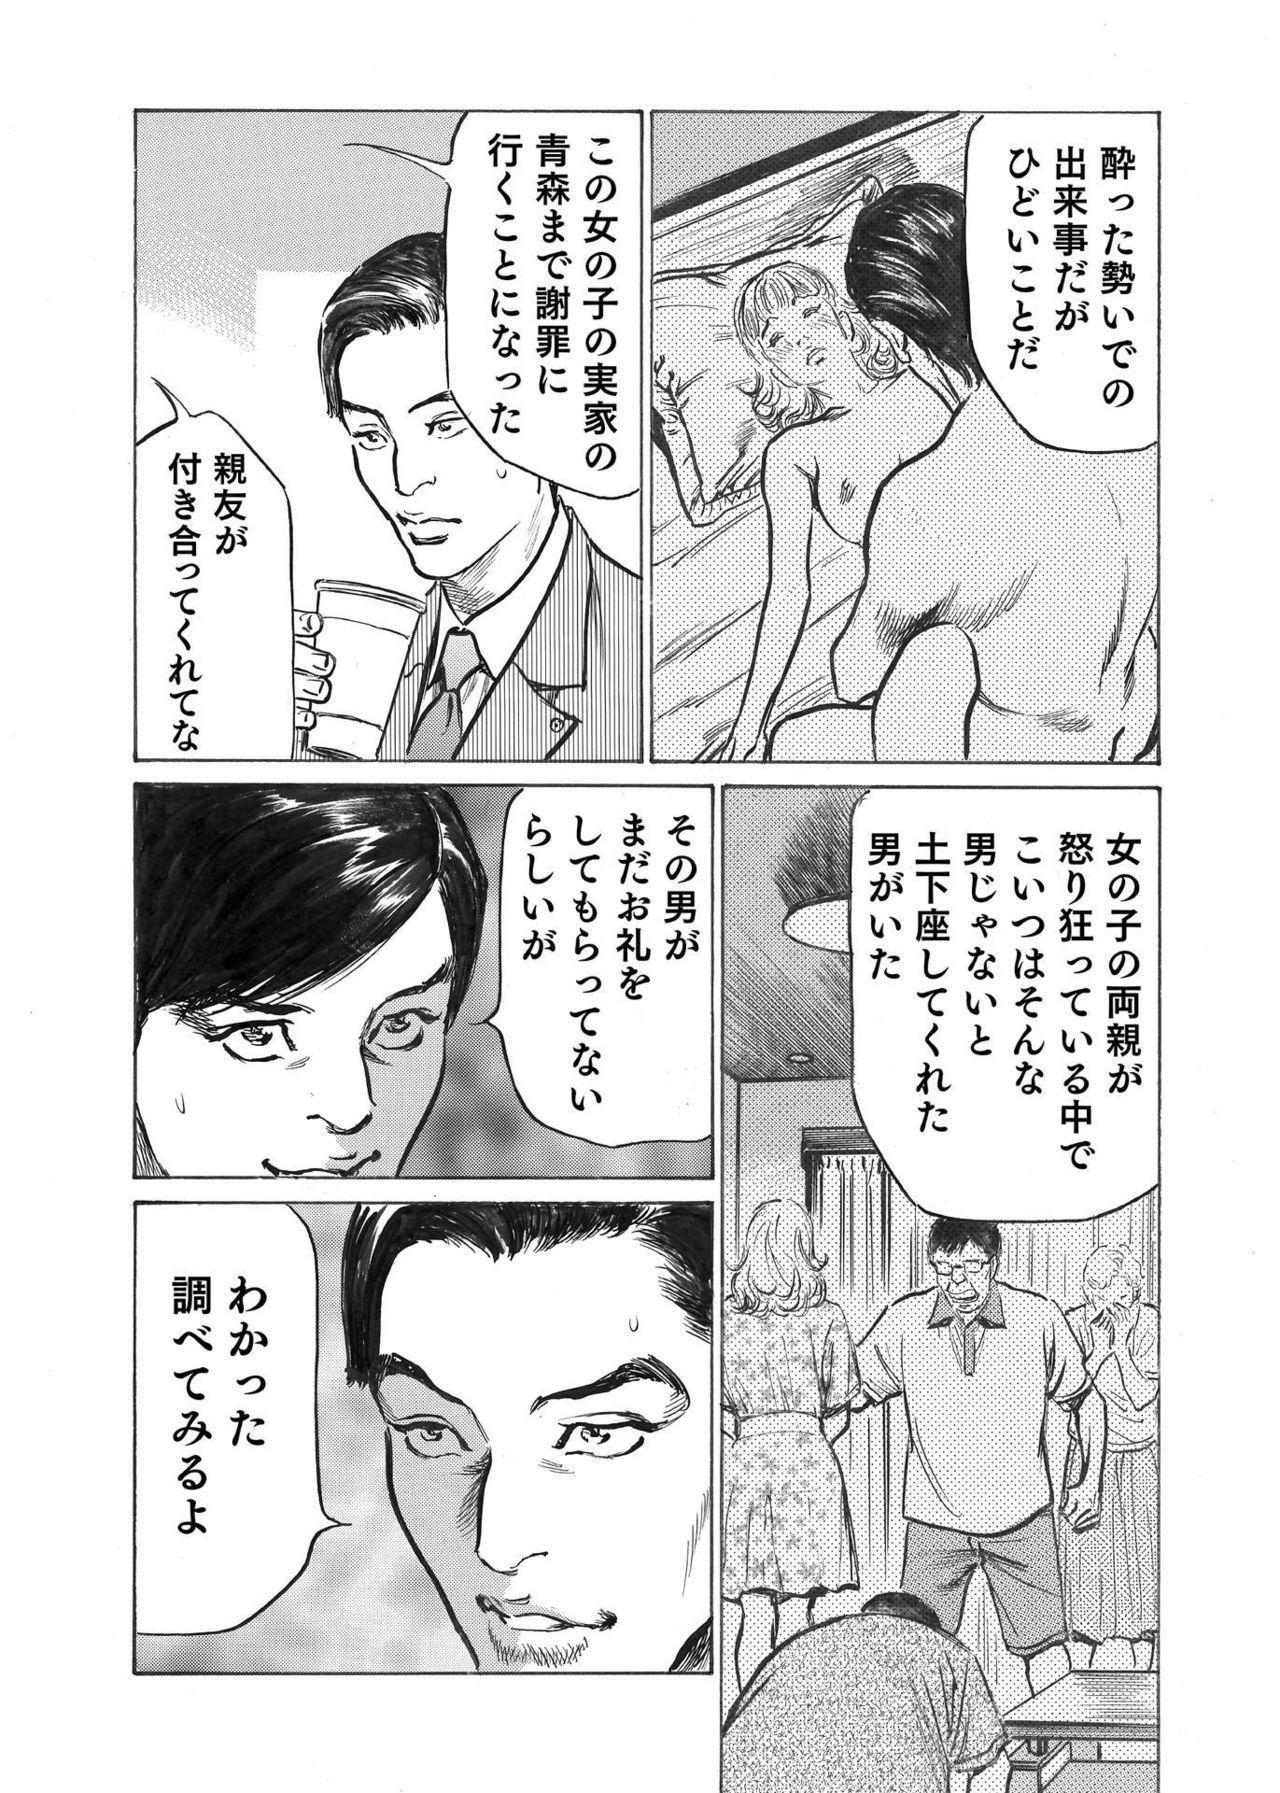 Ore wa Tsuma no Koto o Yoku Shiranai 1-9 126